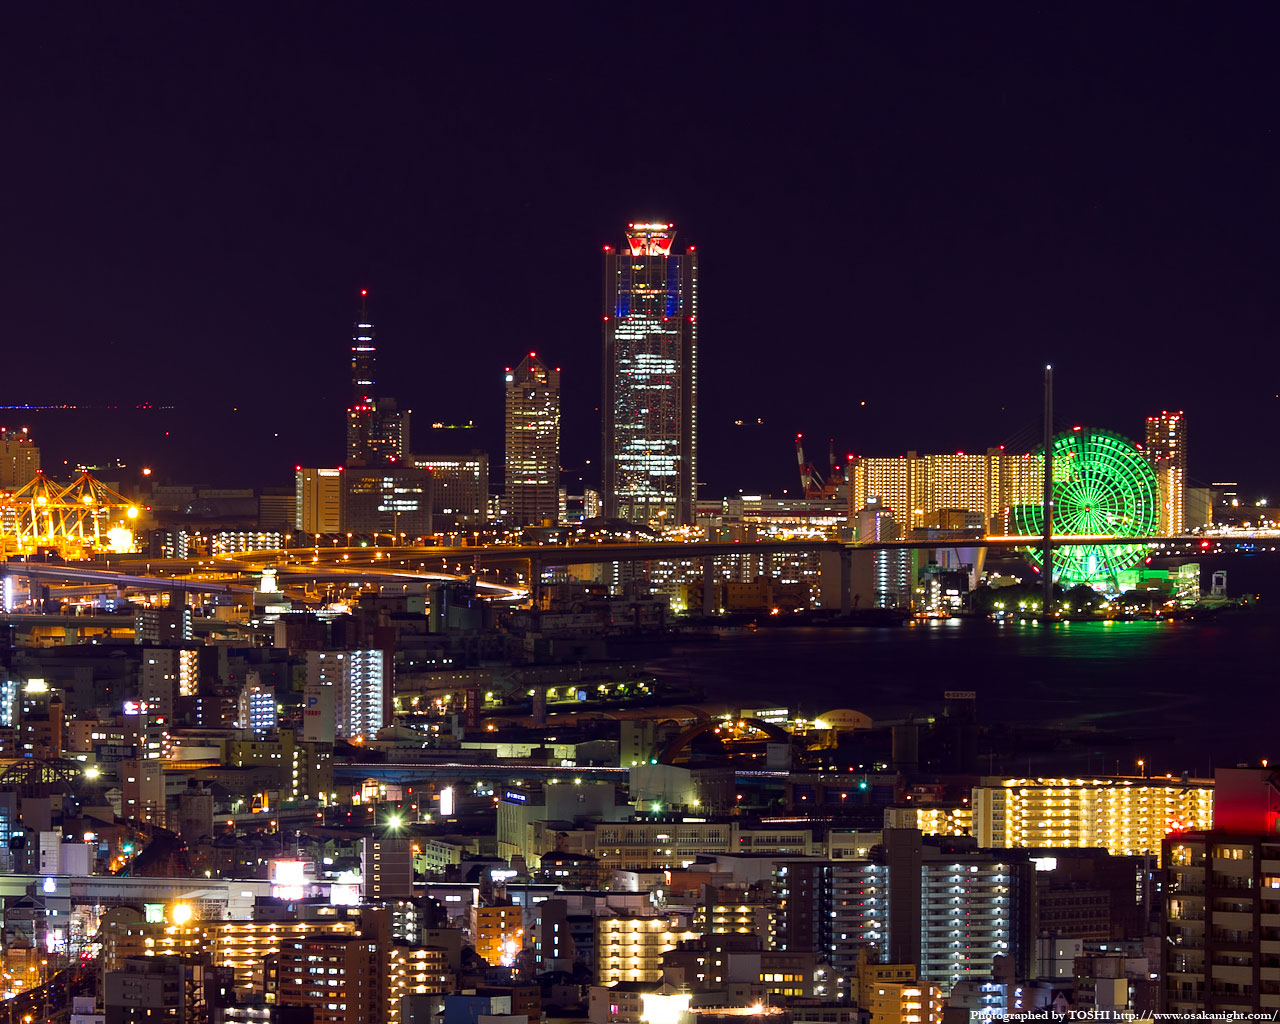 南港コスモスクエアと天保山大観覧車夜景